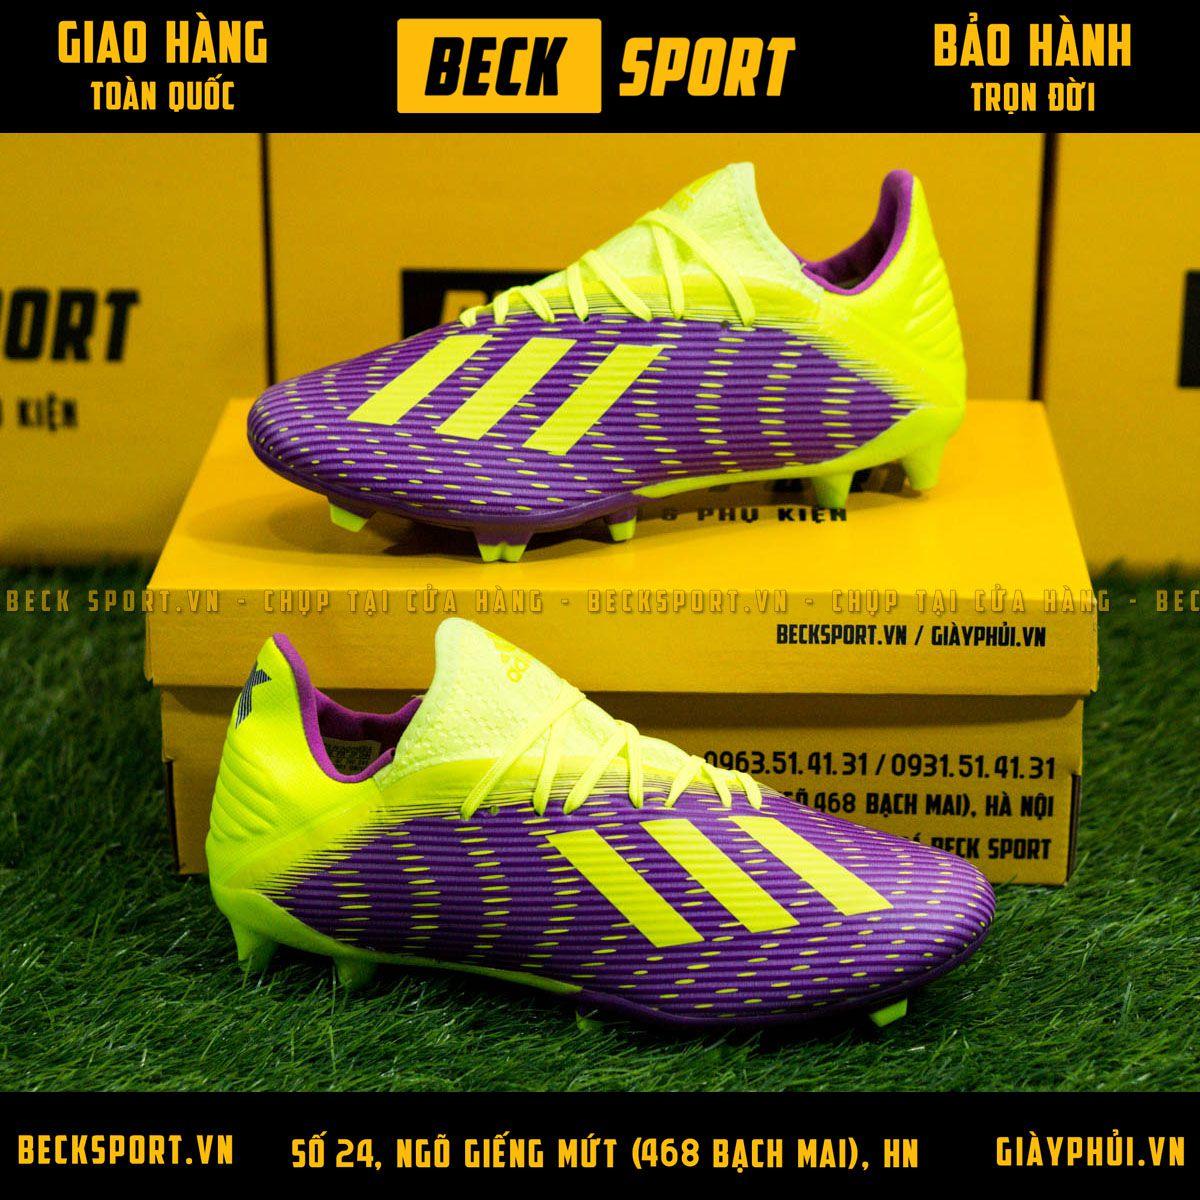 Giày Bóng Đá Adidas X 19.3 Tím Vạch Chuối Gót Chuối FG